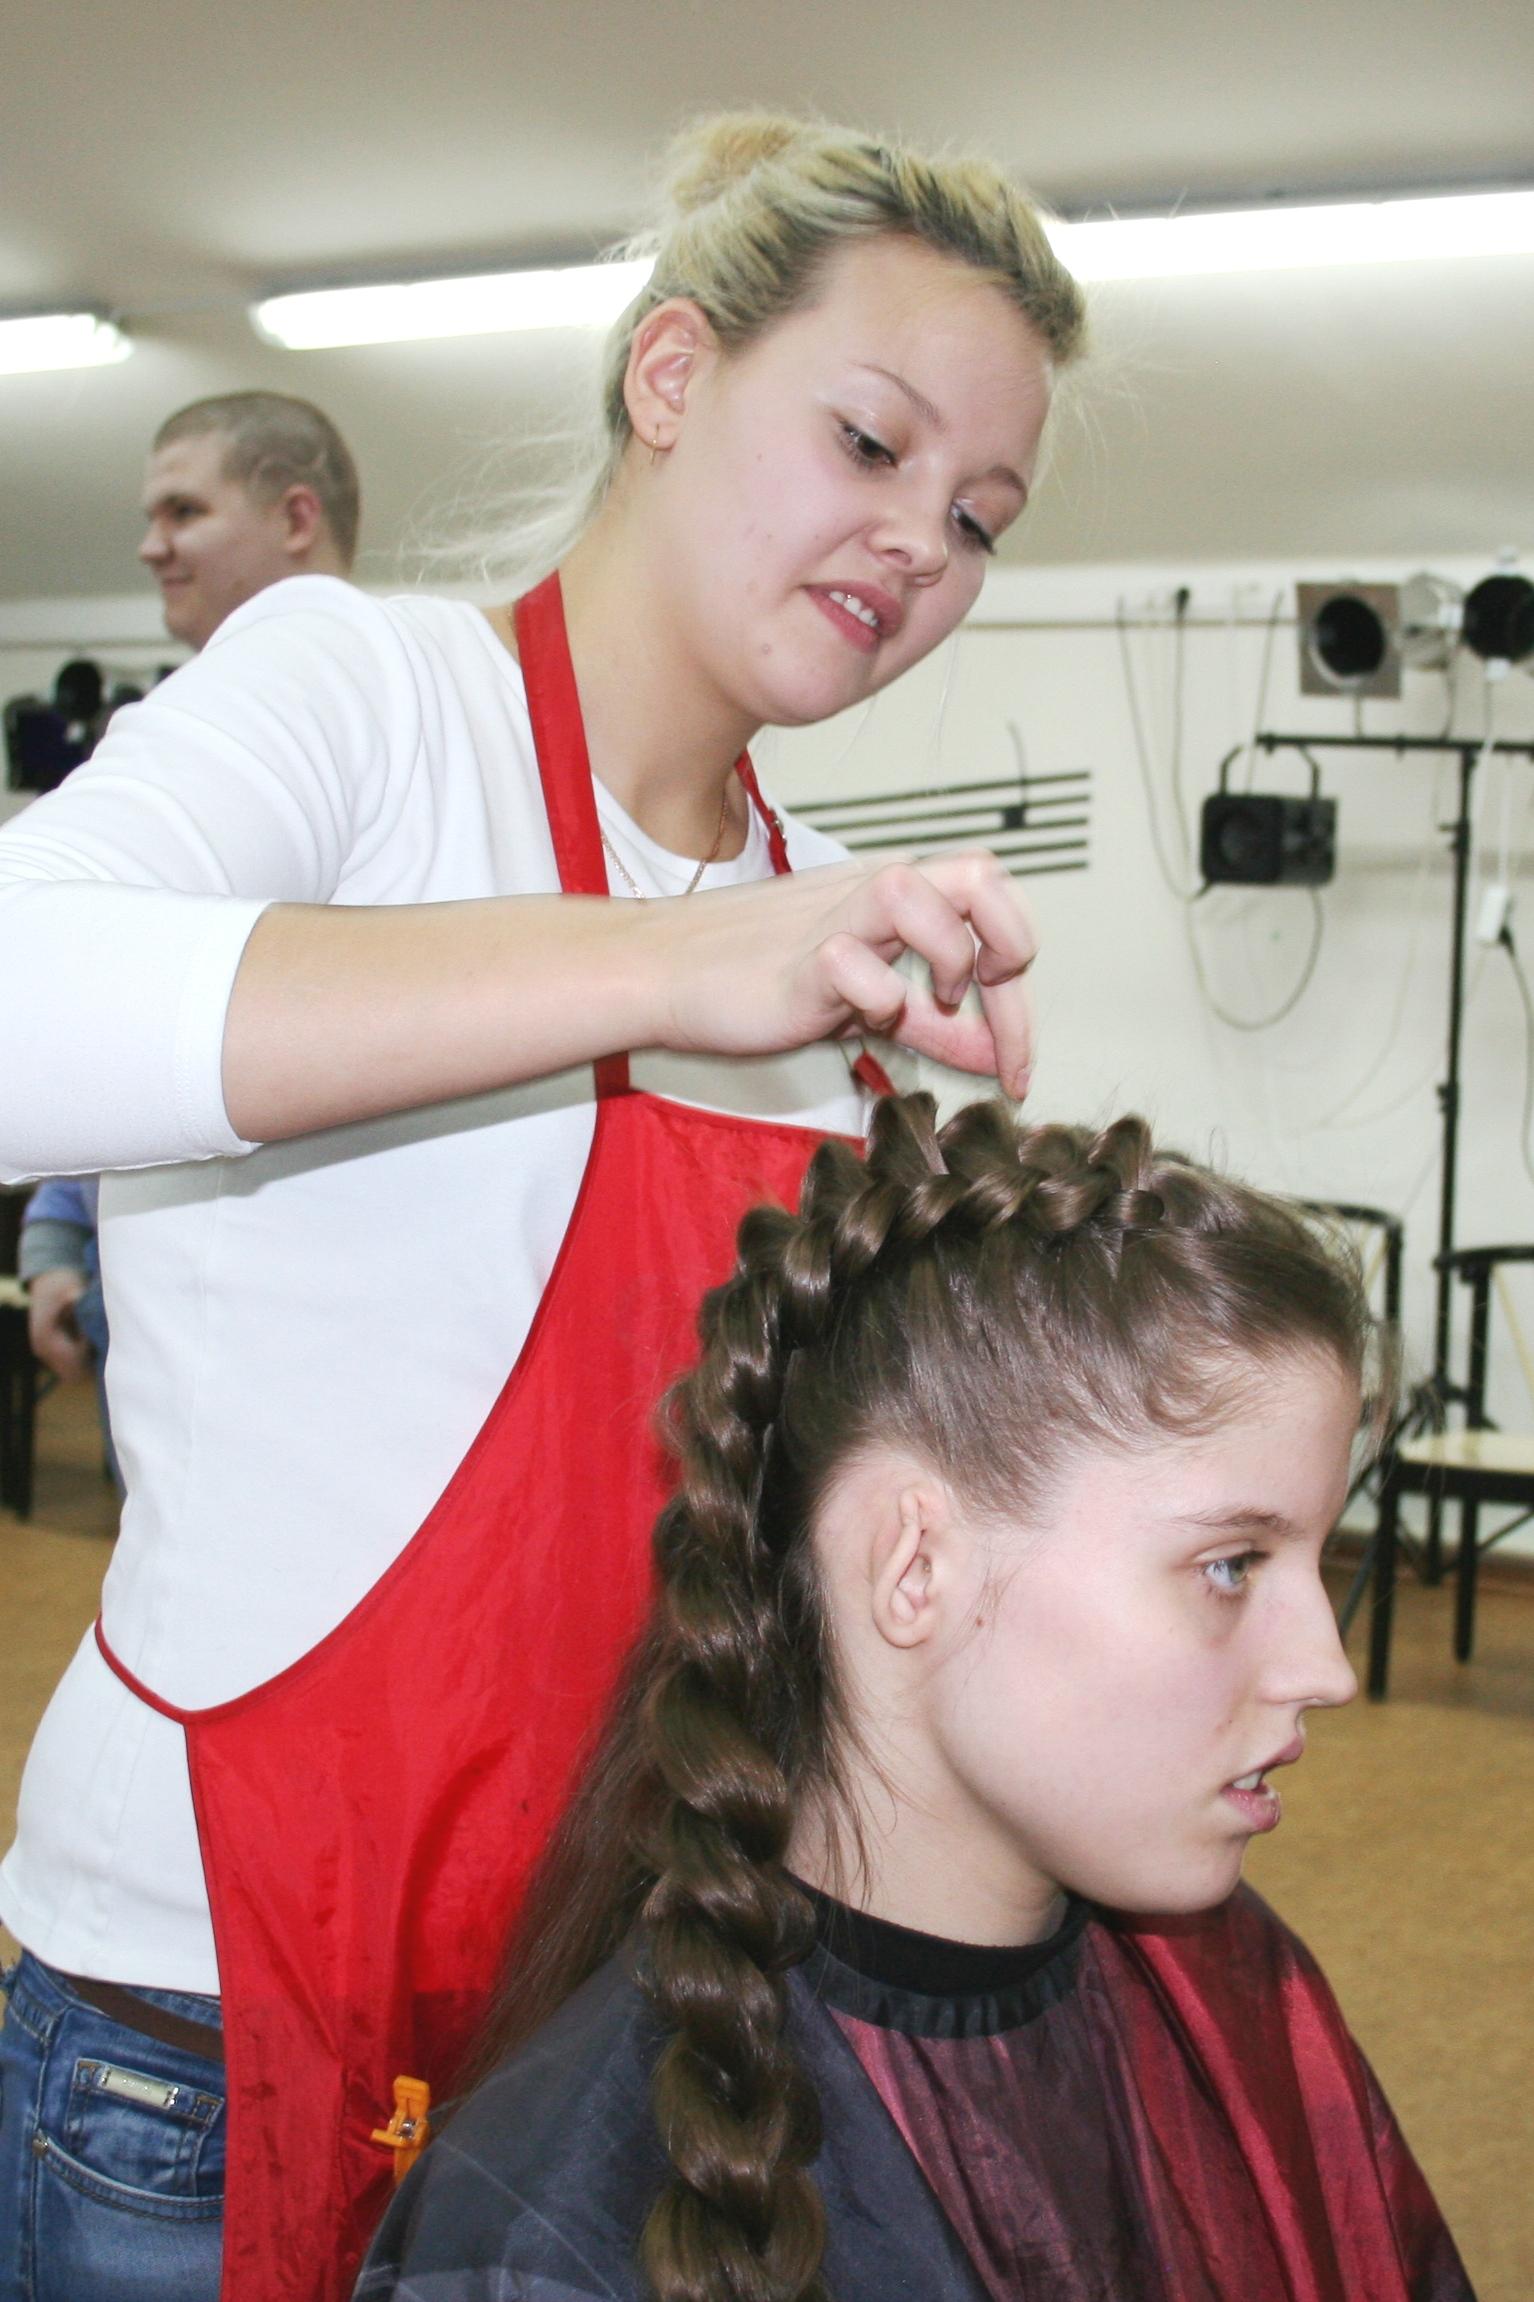 школа парикмахерского искусства 12.12.2012